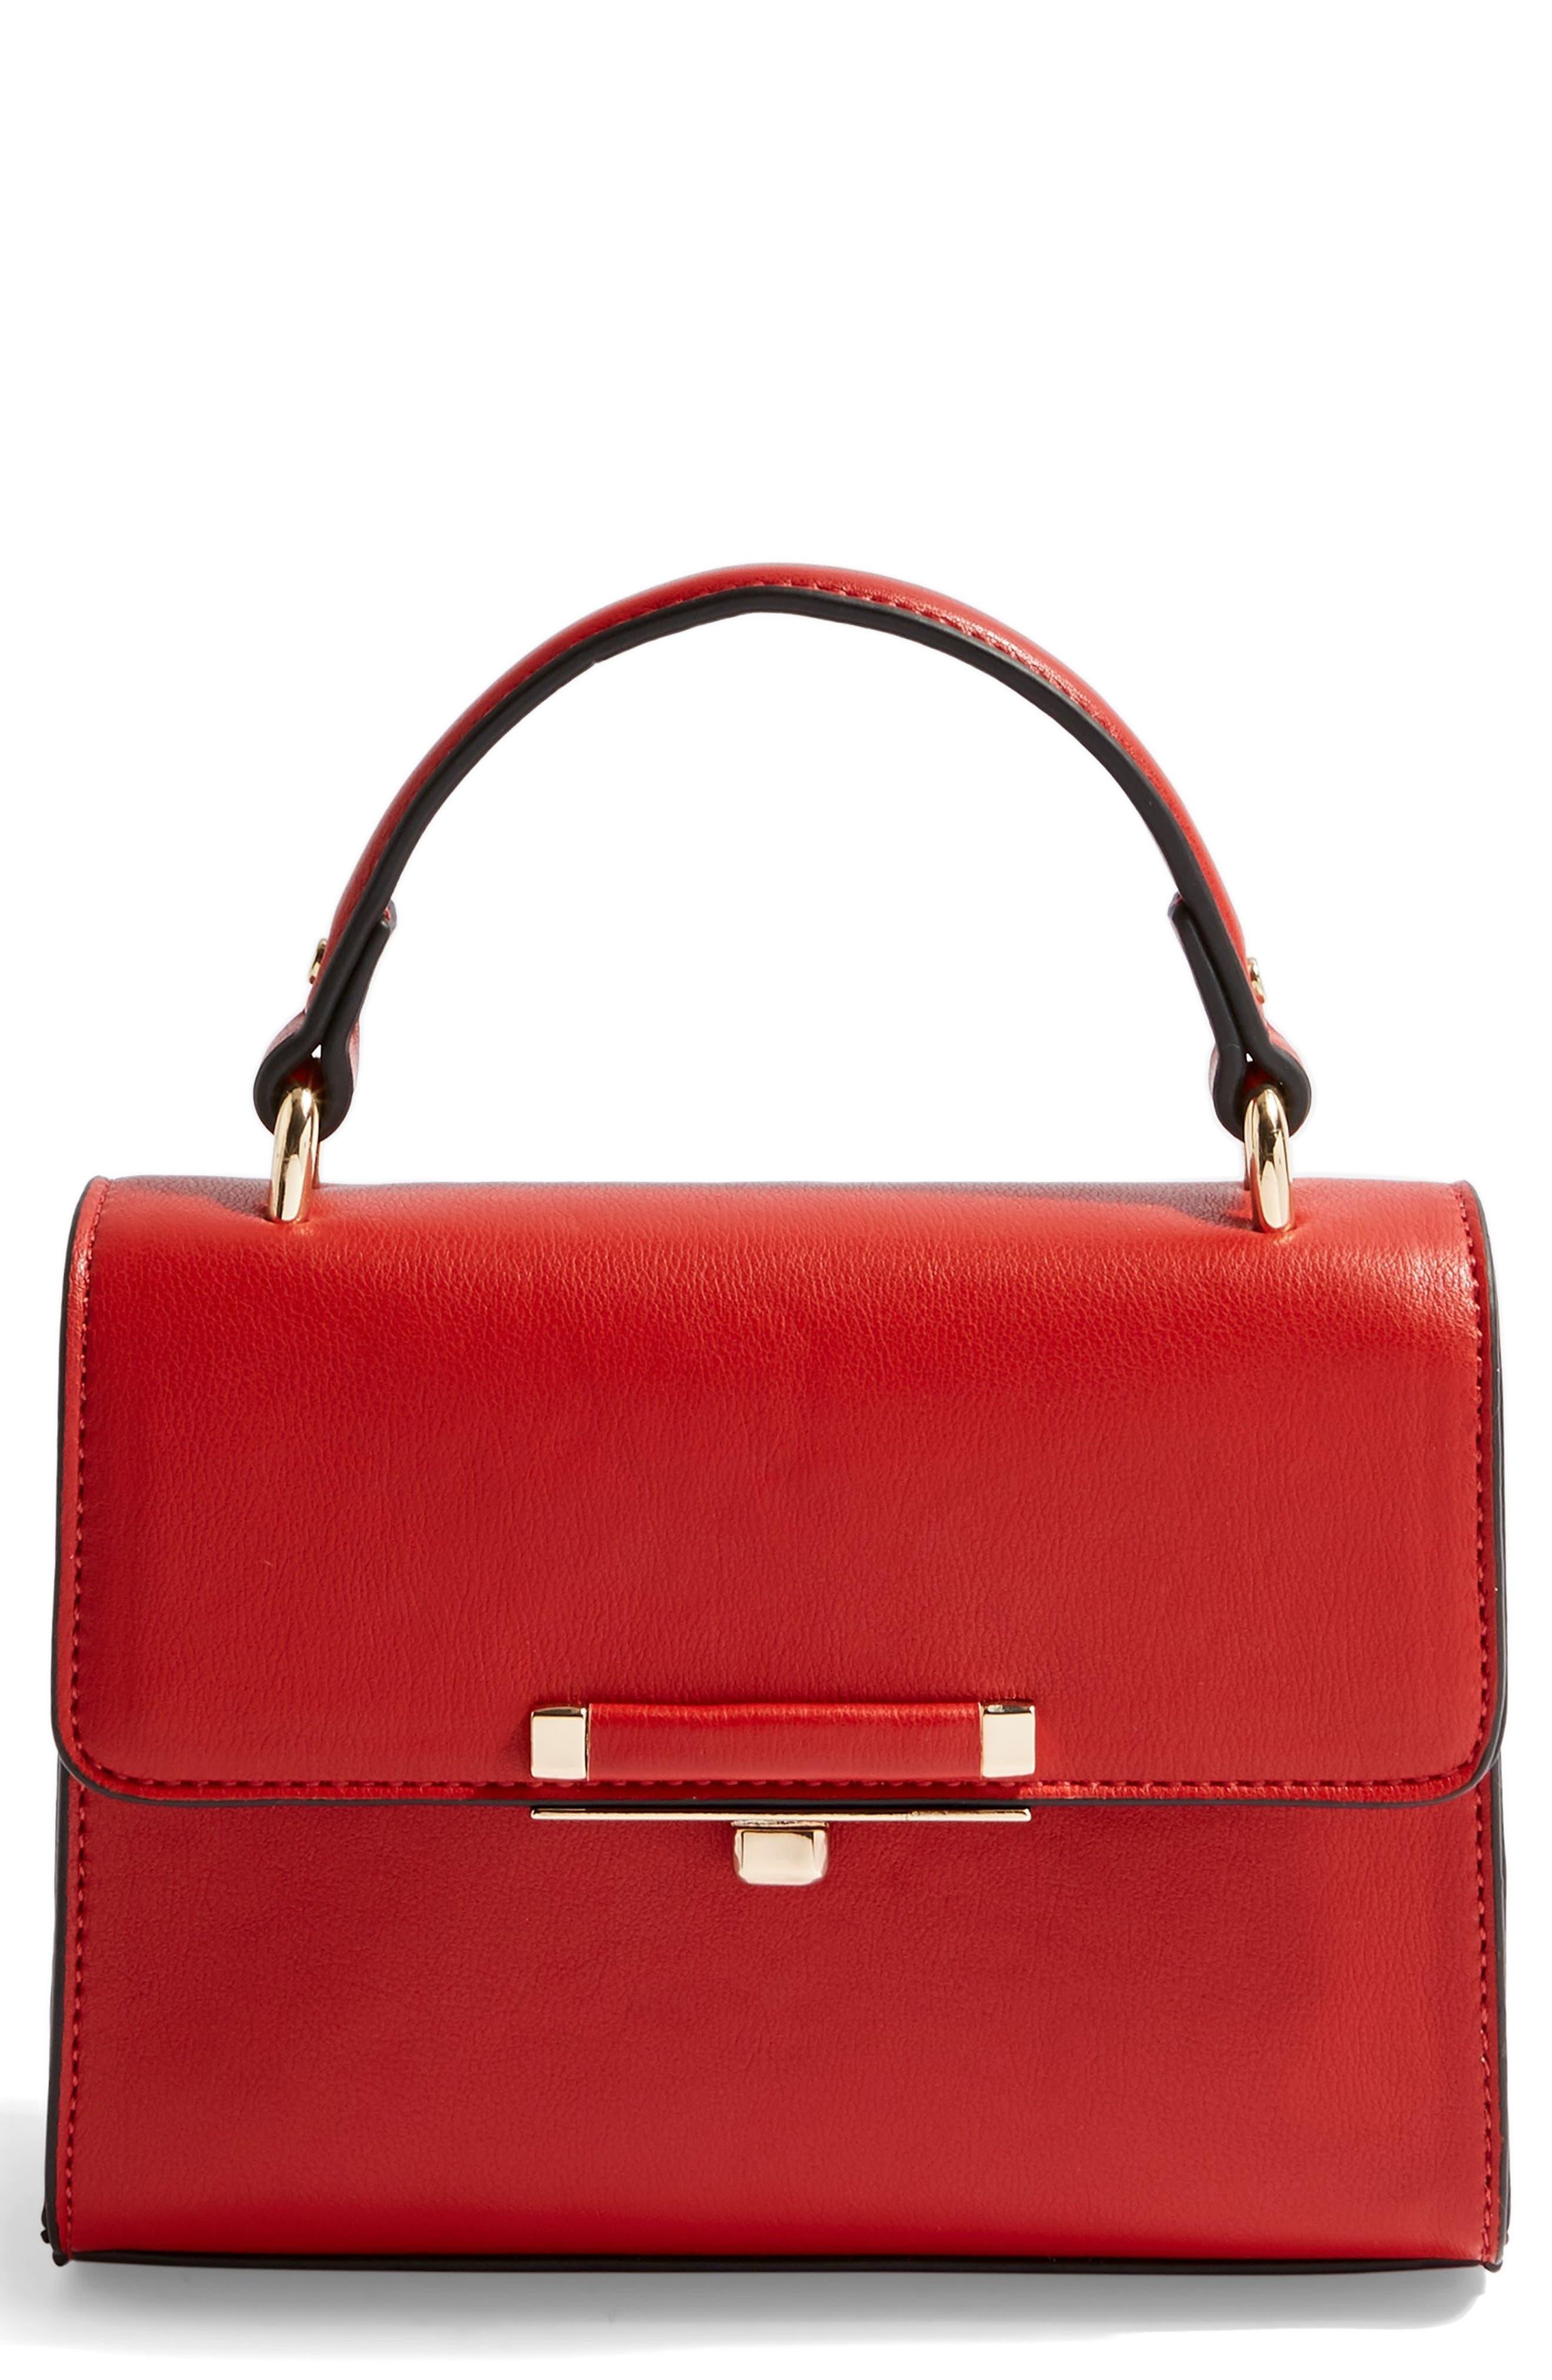 TOPSHOP Mini Marissa Top Handle Bag, Main, color, RED